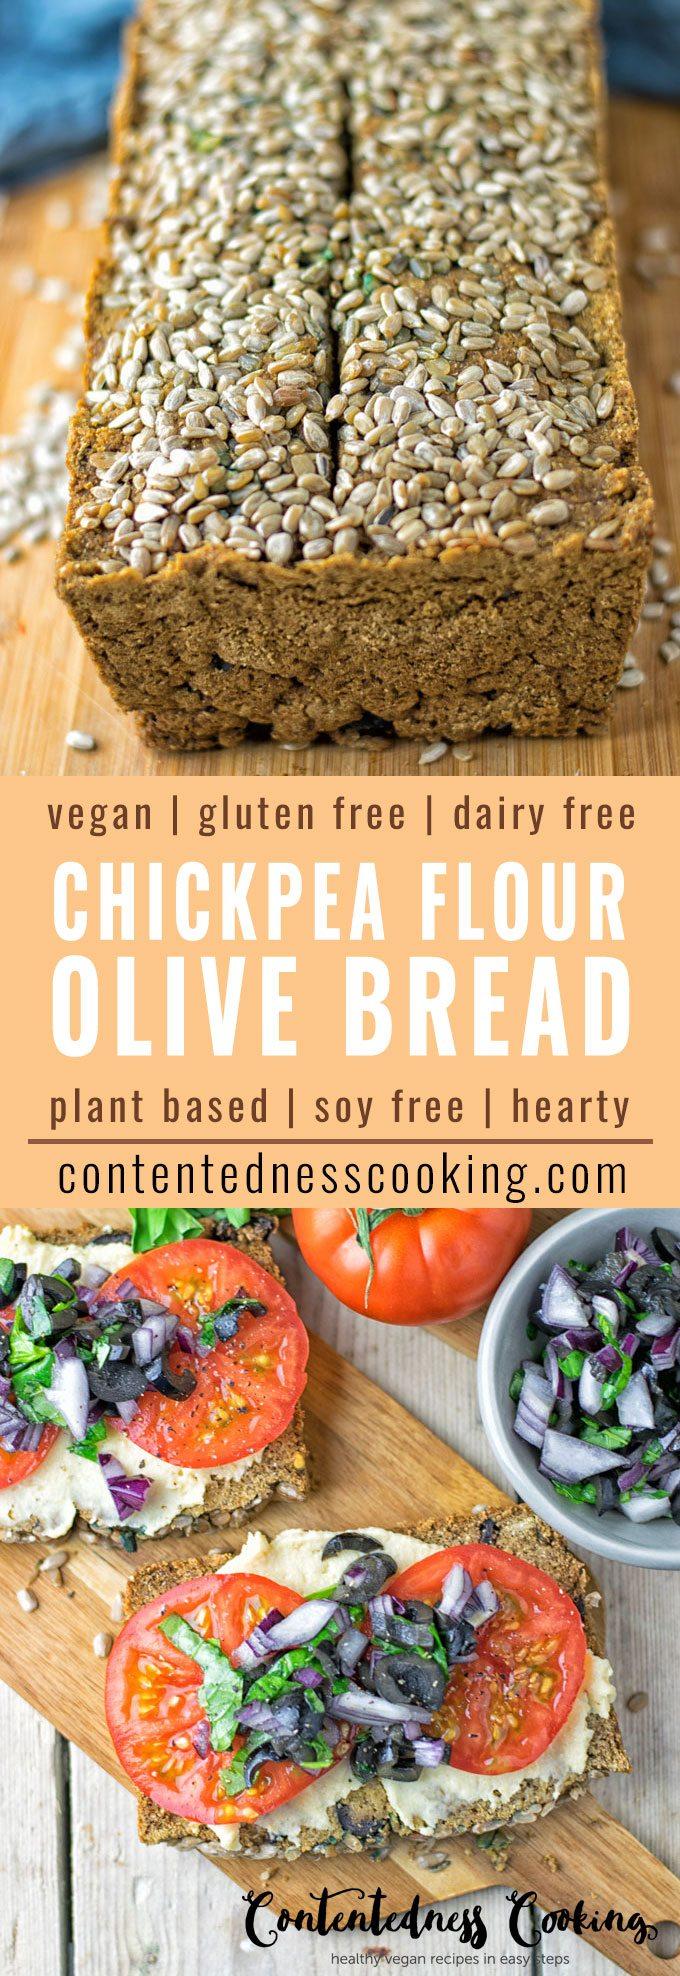 Olive Chickpea Flour Bread | #vegan #glutenfree #contentednesscooking #plantbased #soyfree #dairyfree